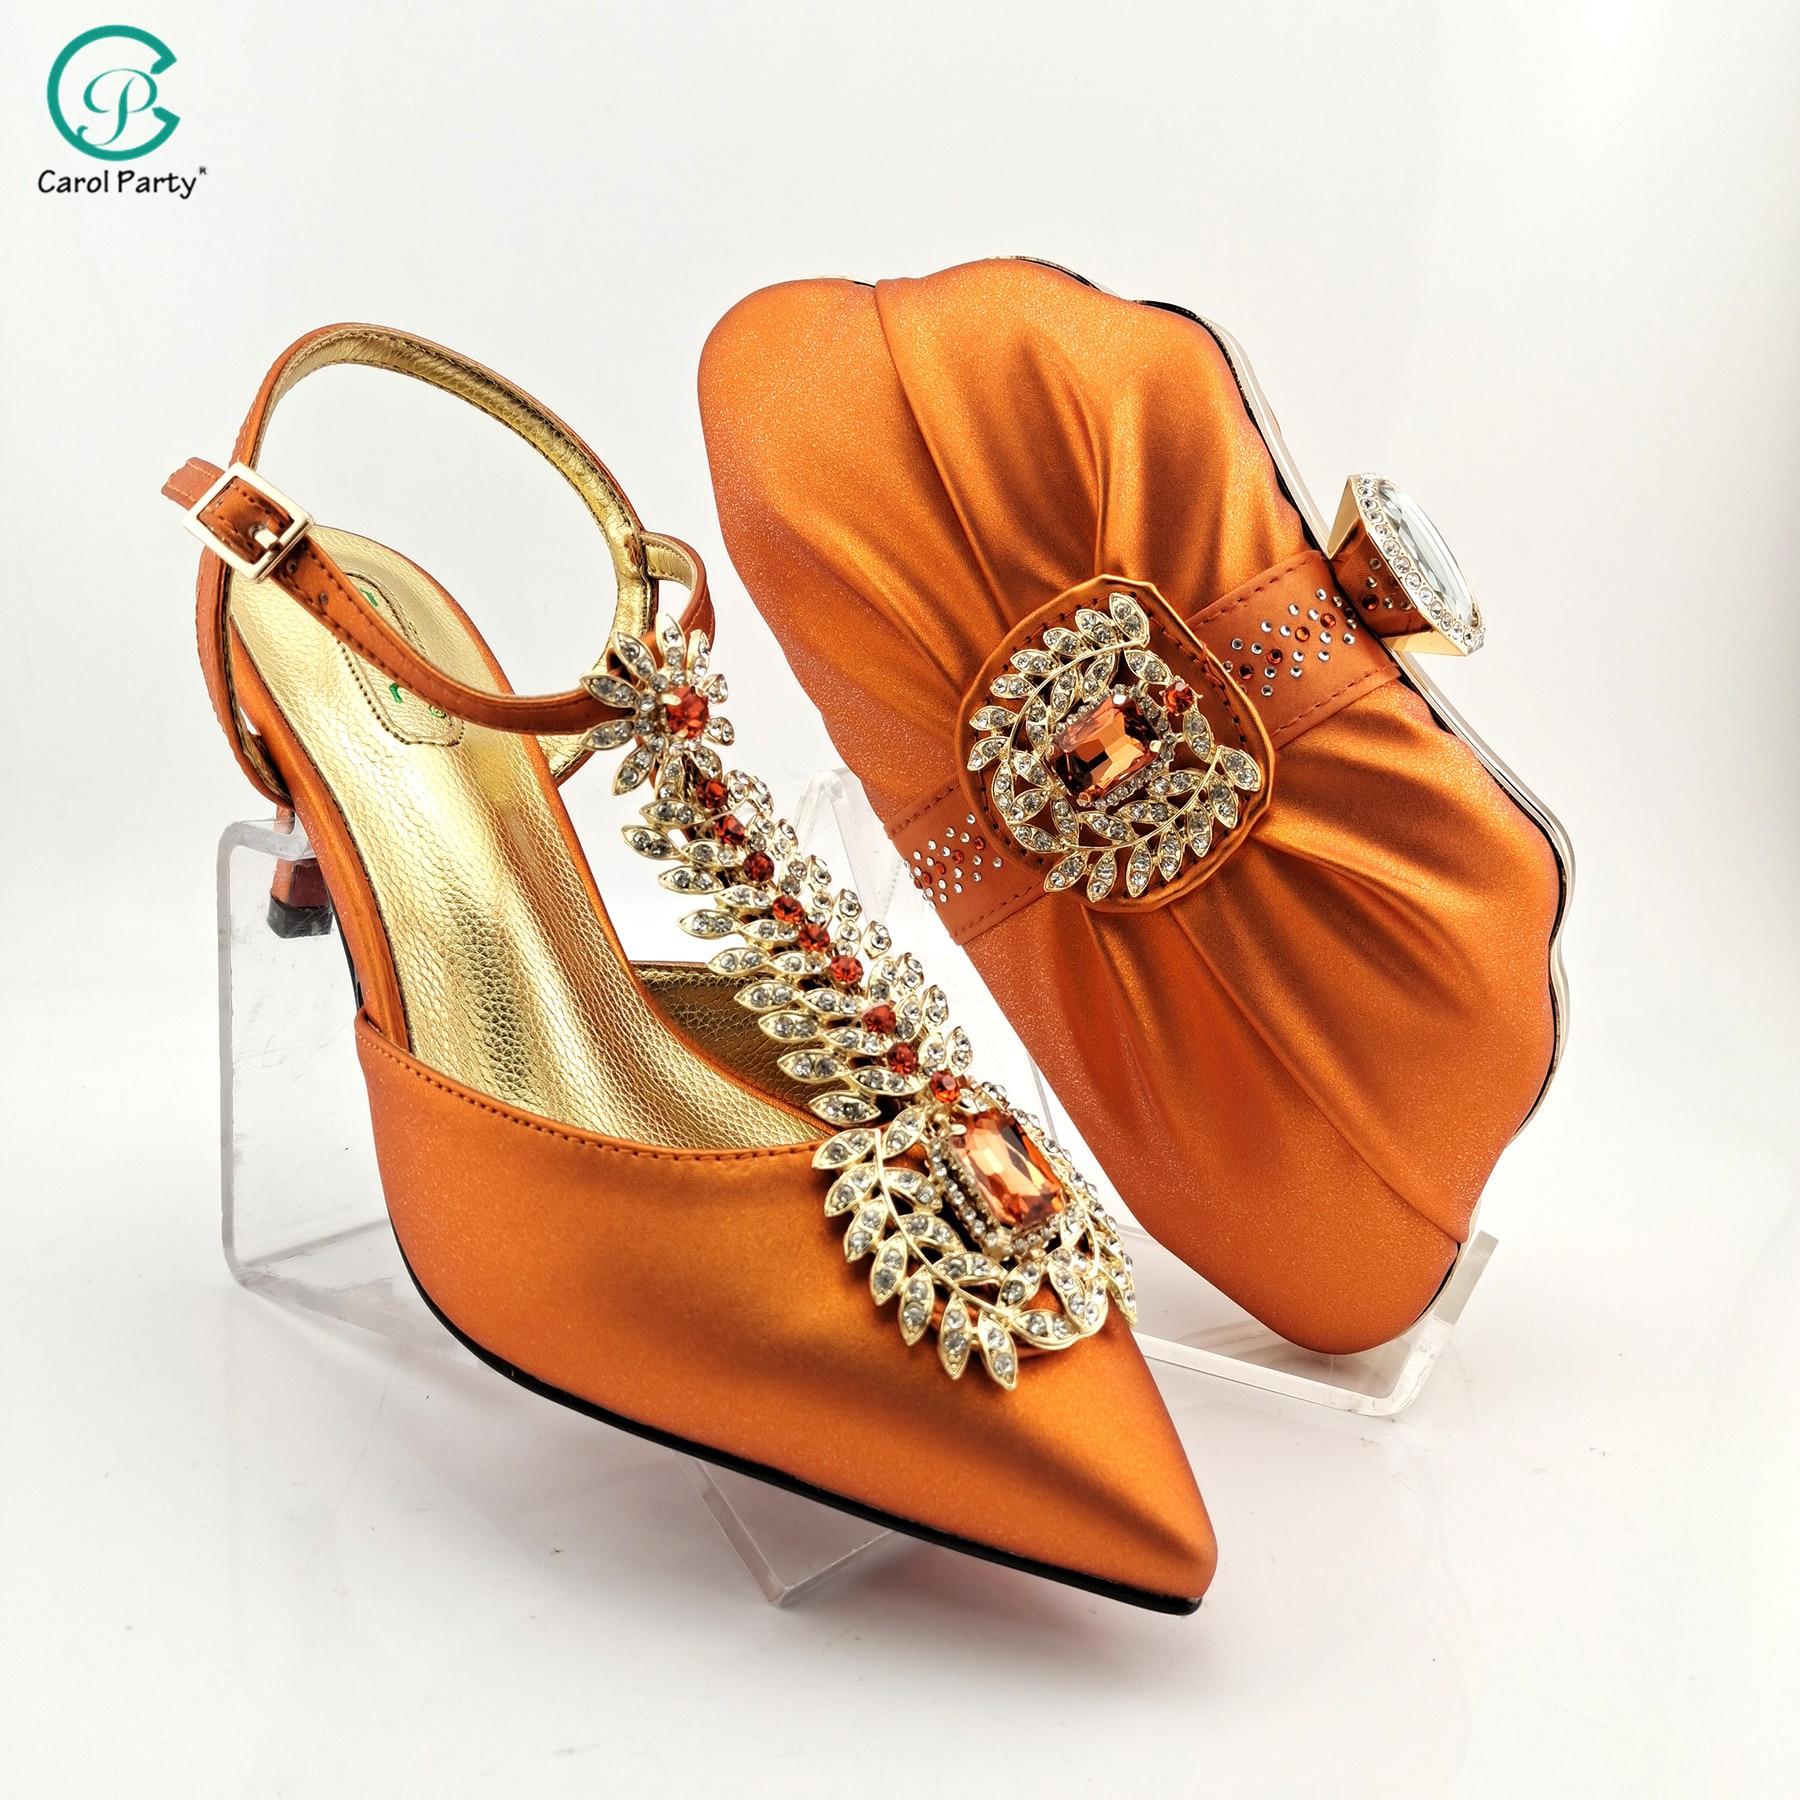 2021 أحدث تصميم إيطالي على الموضة نمط المرأة الأفريقية أحذية الزفاف وحقيبة مجموعات باللون البرتقالي للحزب الملكي